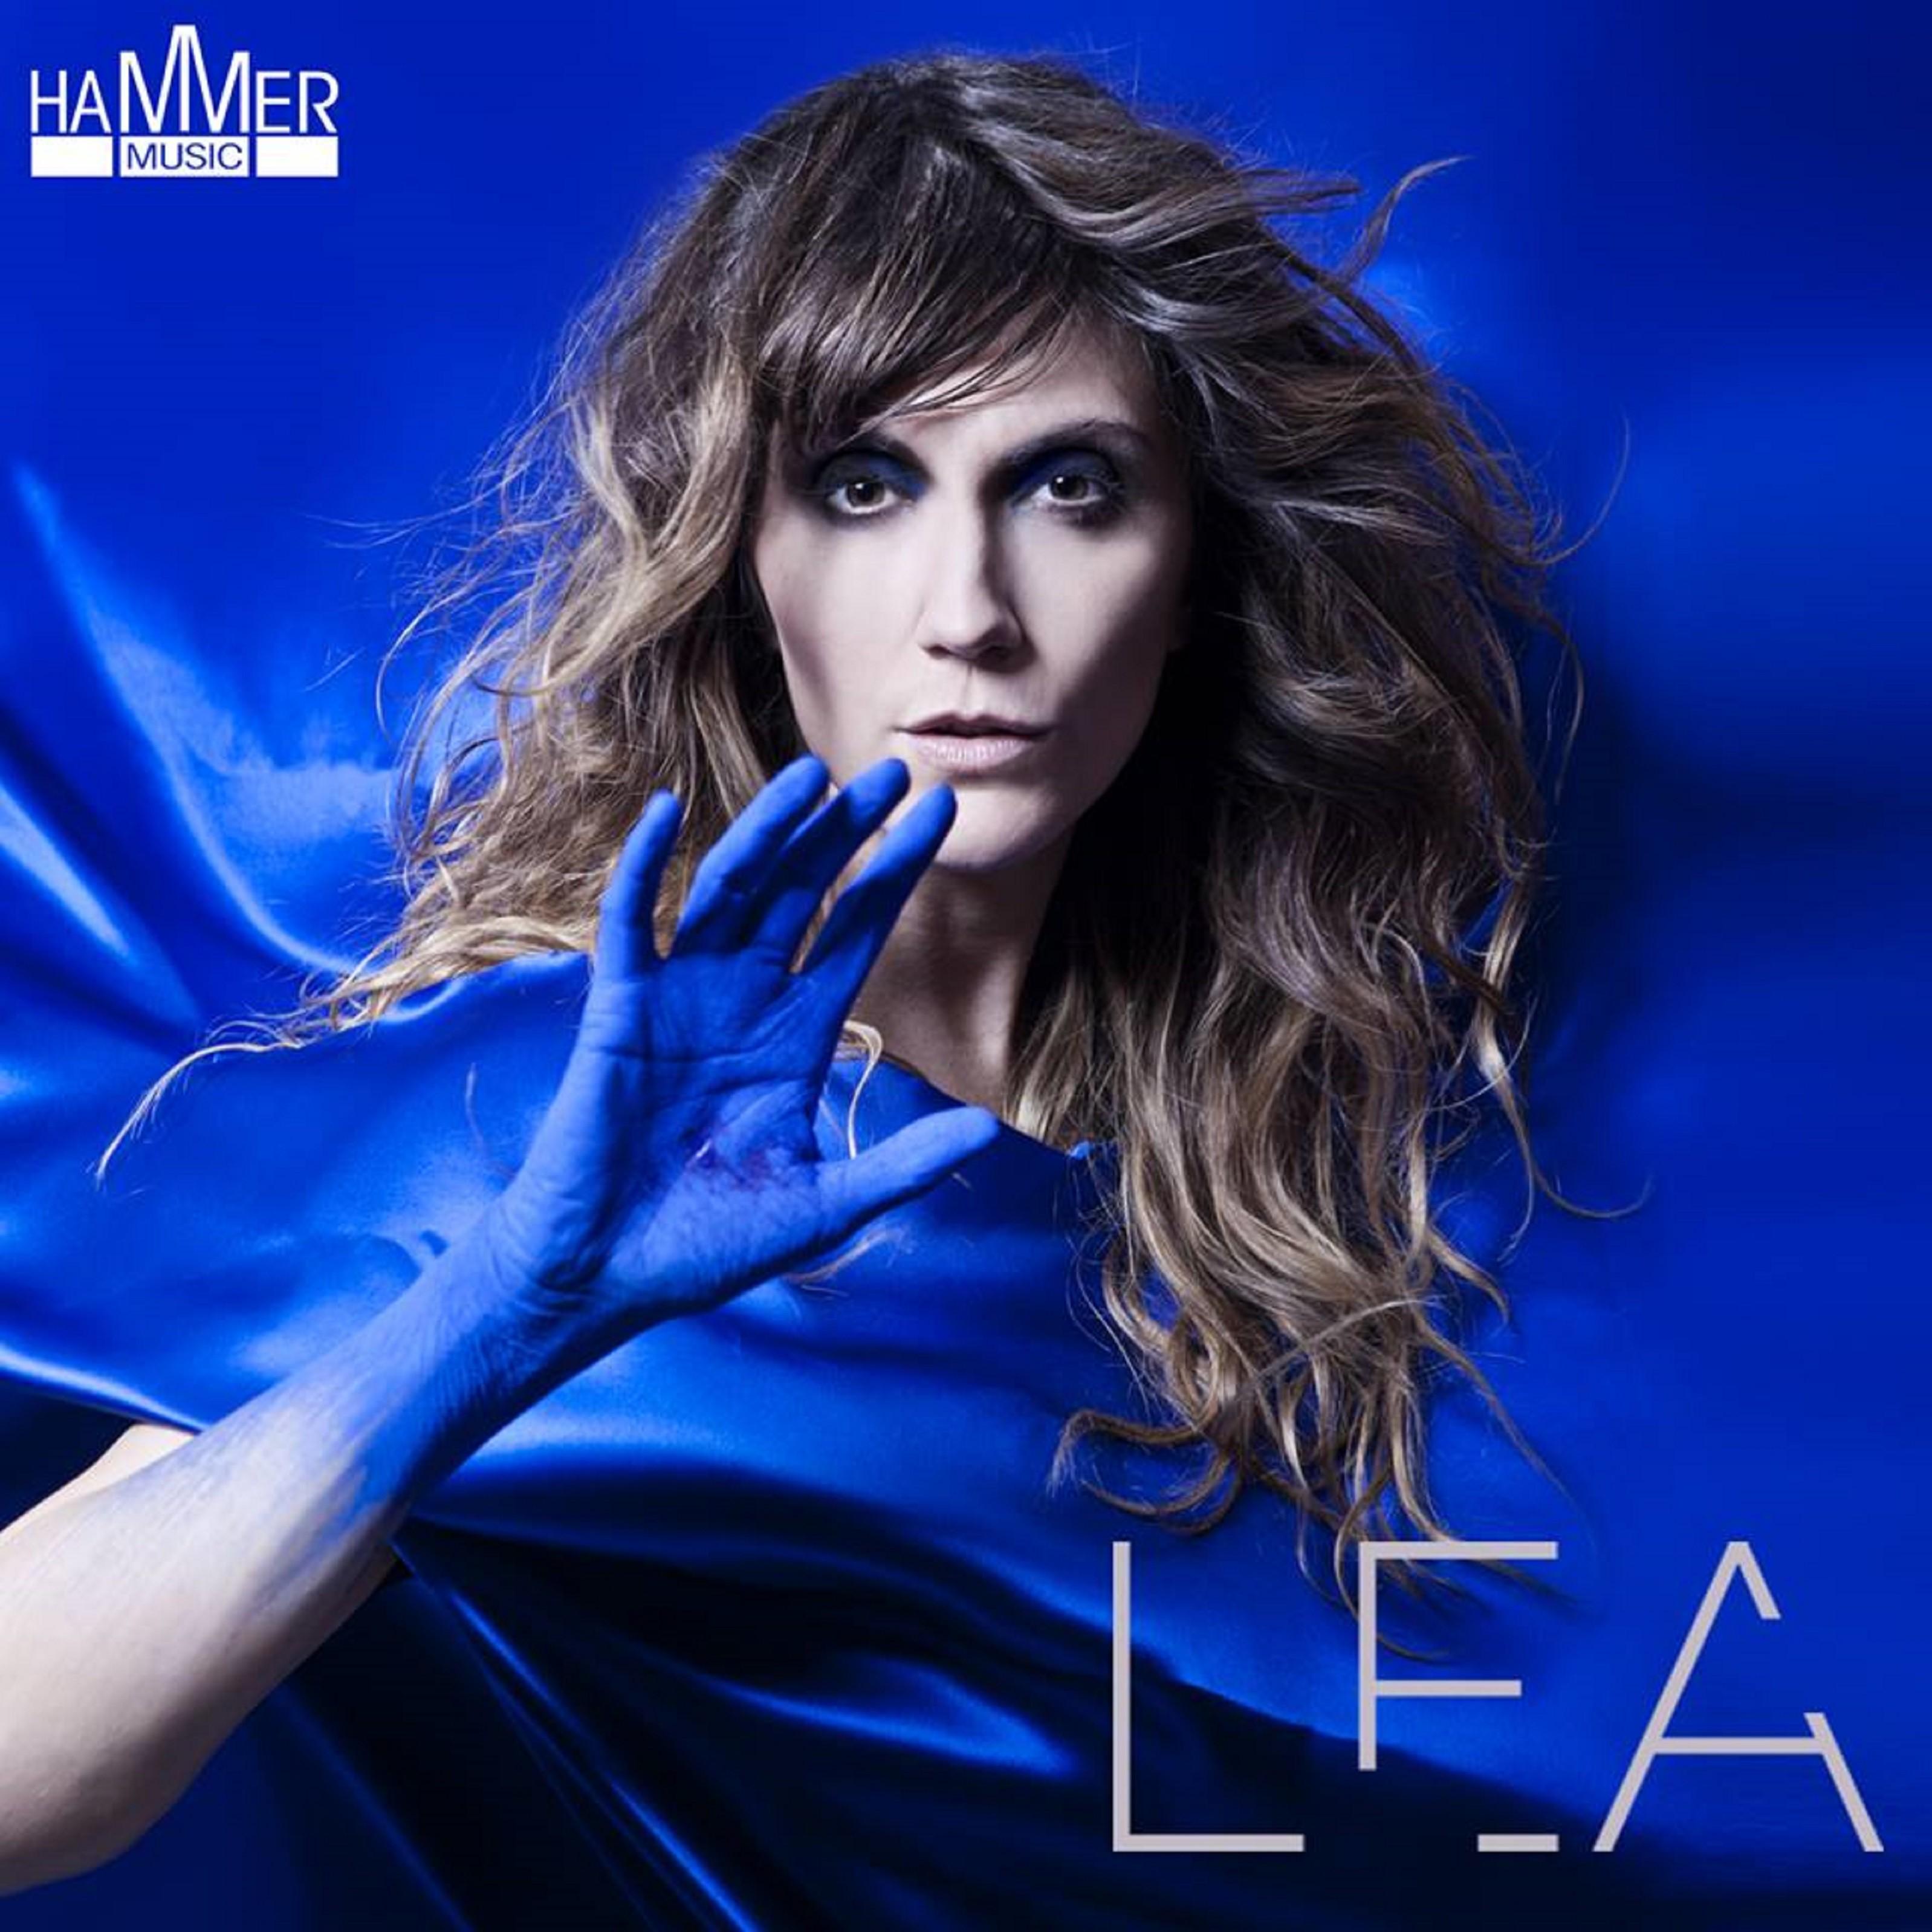 E' uscito, nei migliori store digitali, e come cd fisico composto da ben 11 tracce, il primo full lenght della rocker campana Lea, recante come titolo il suo semplice nome. […]